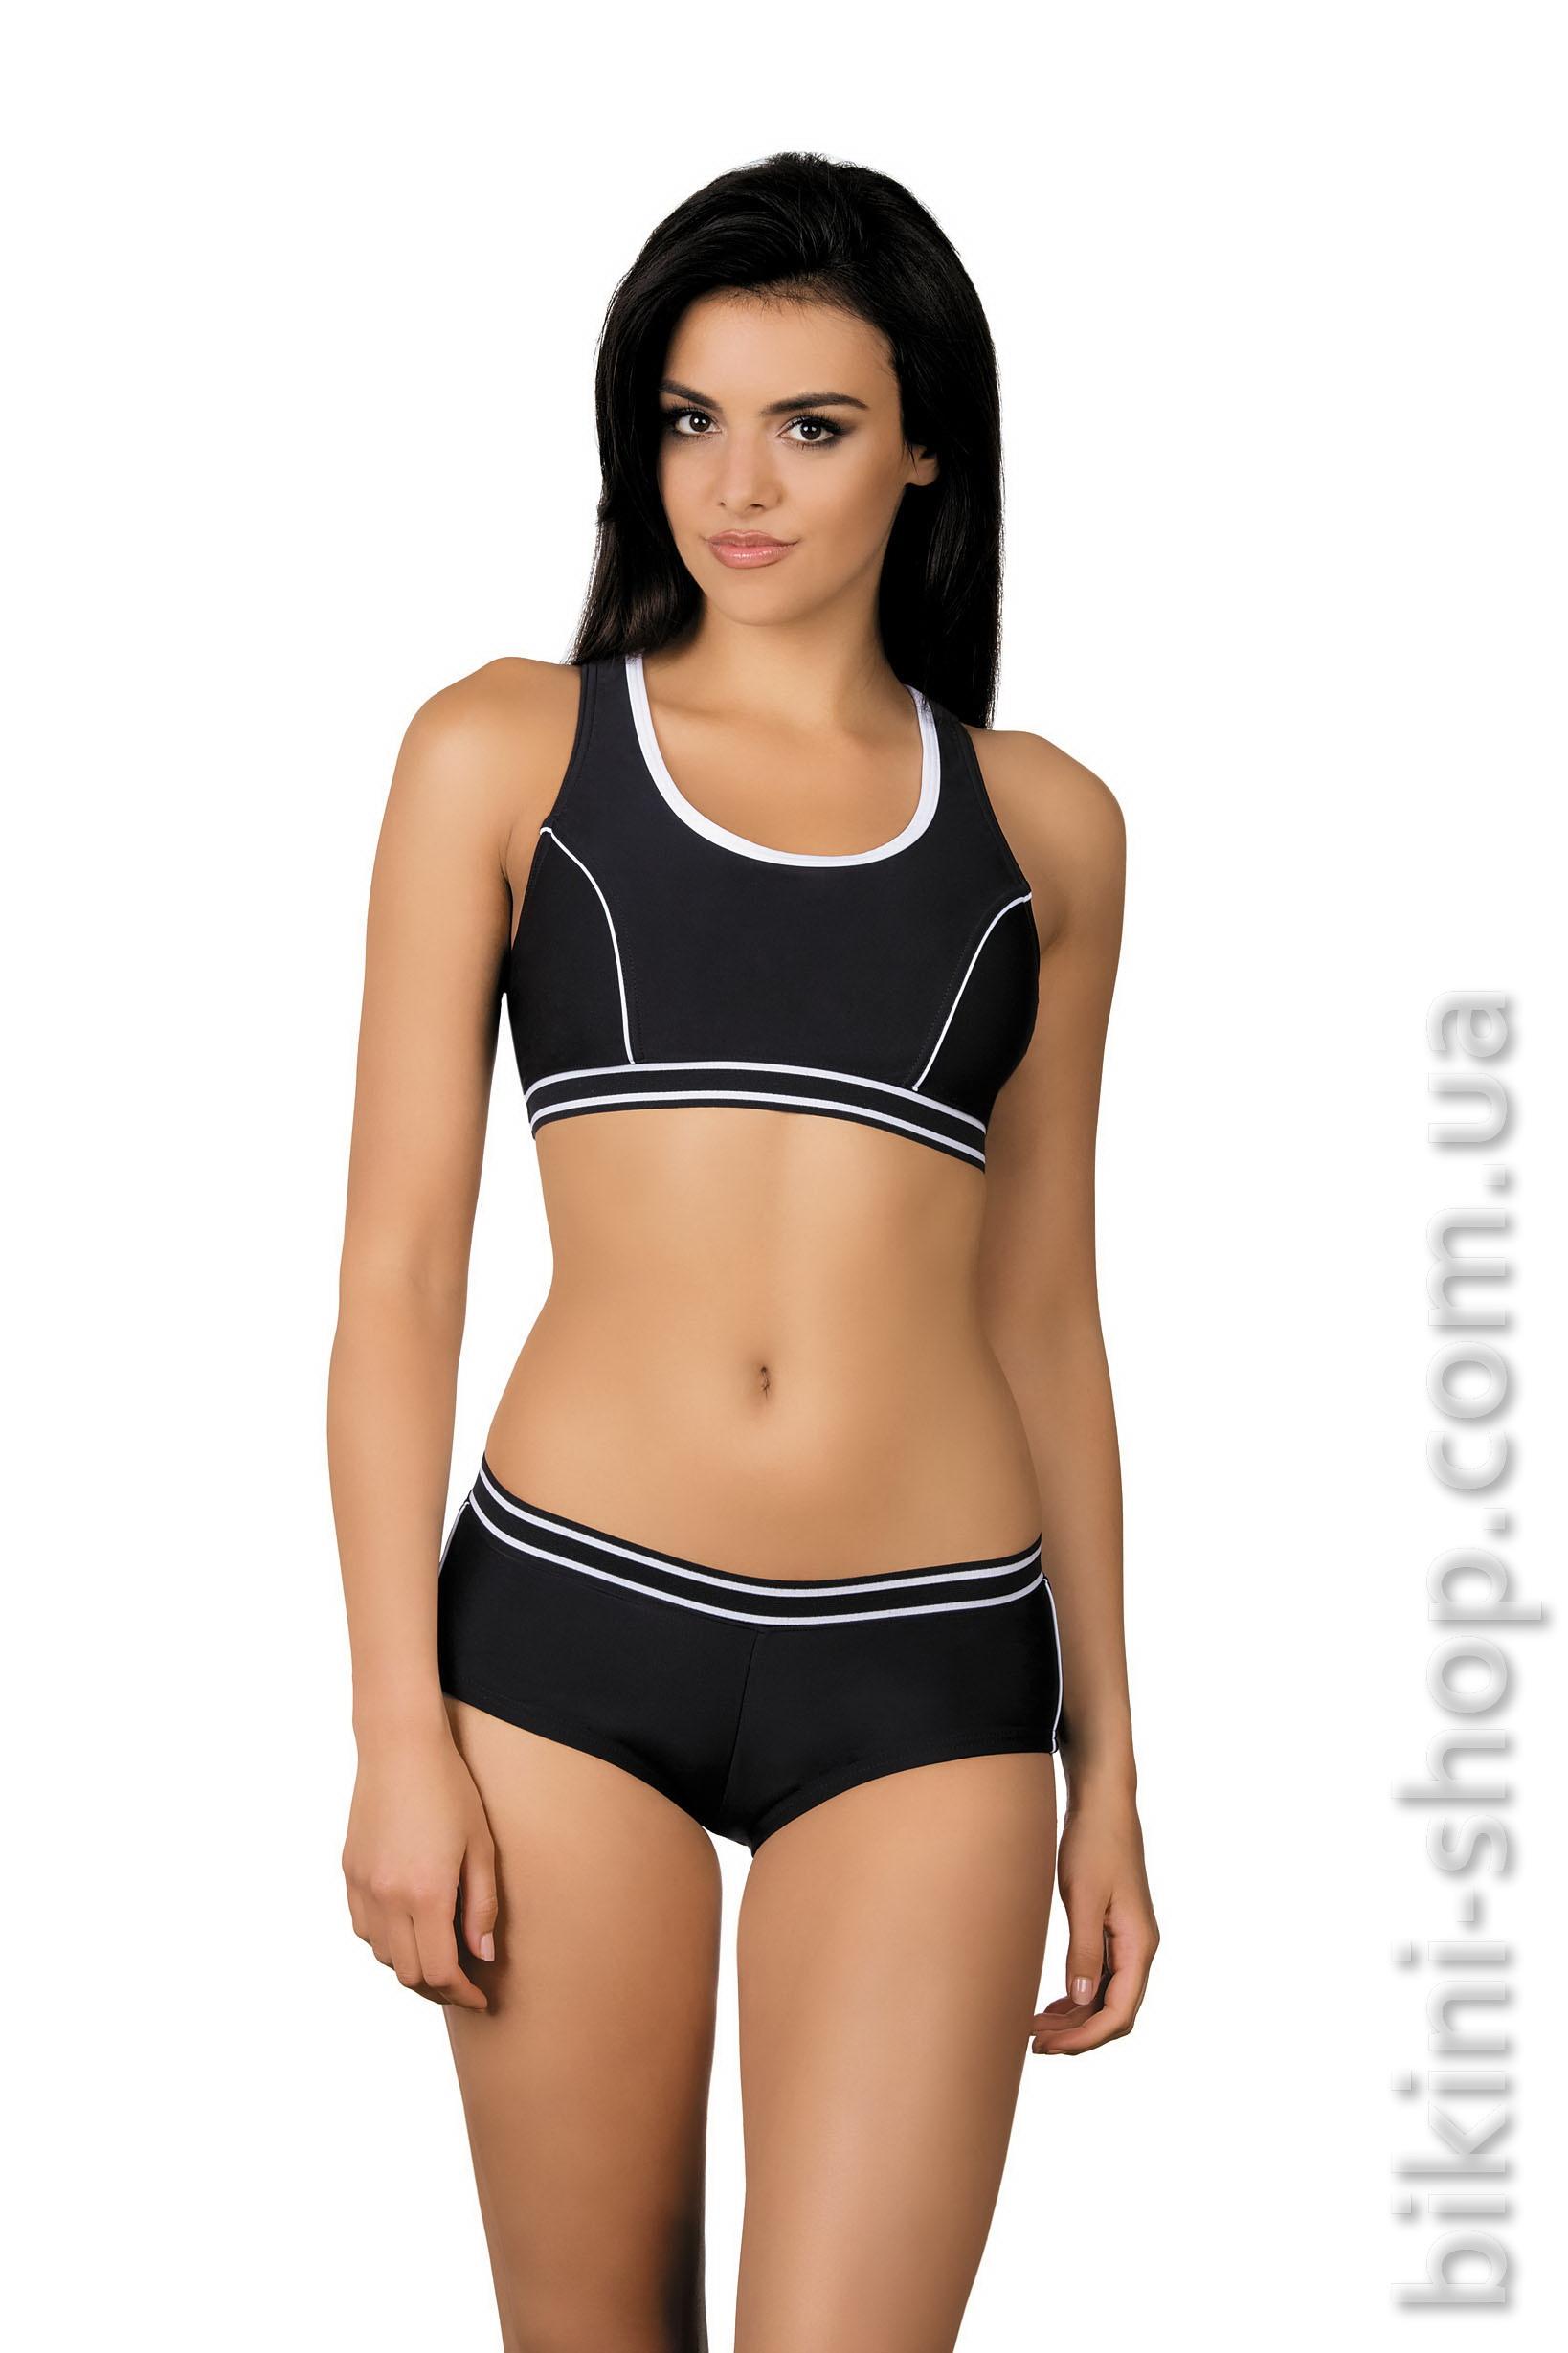 5d8431611886c Раздельный спортивный купальник LORIN LO-20 7133 - BIKINI-SHOP.COM.UA